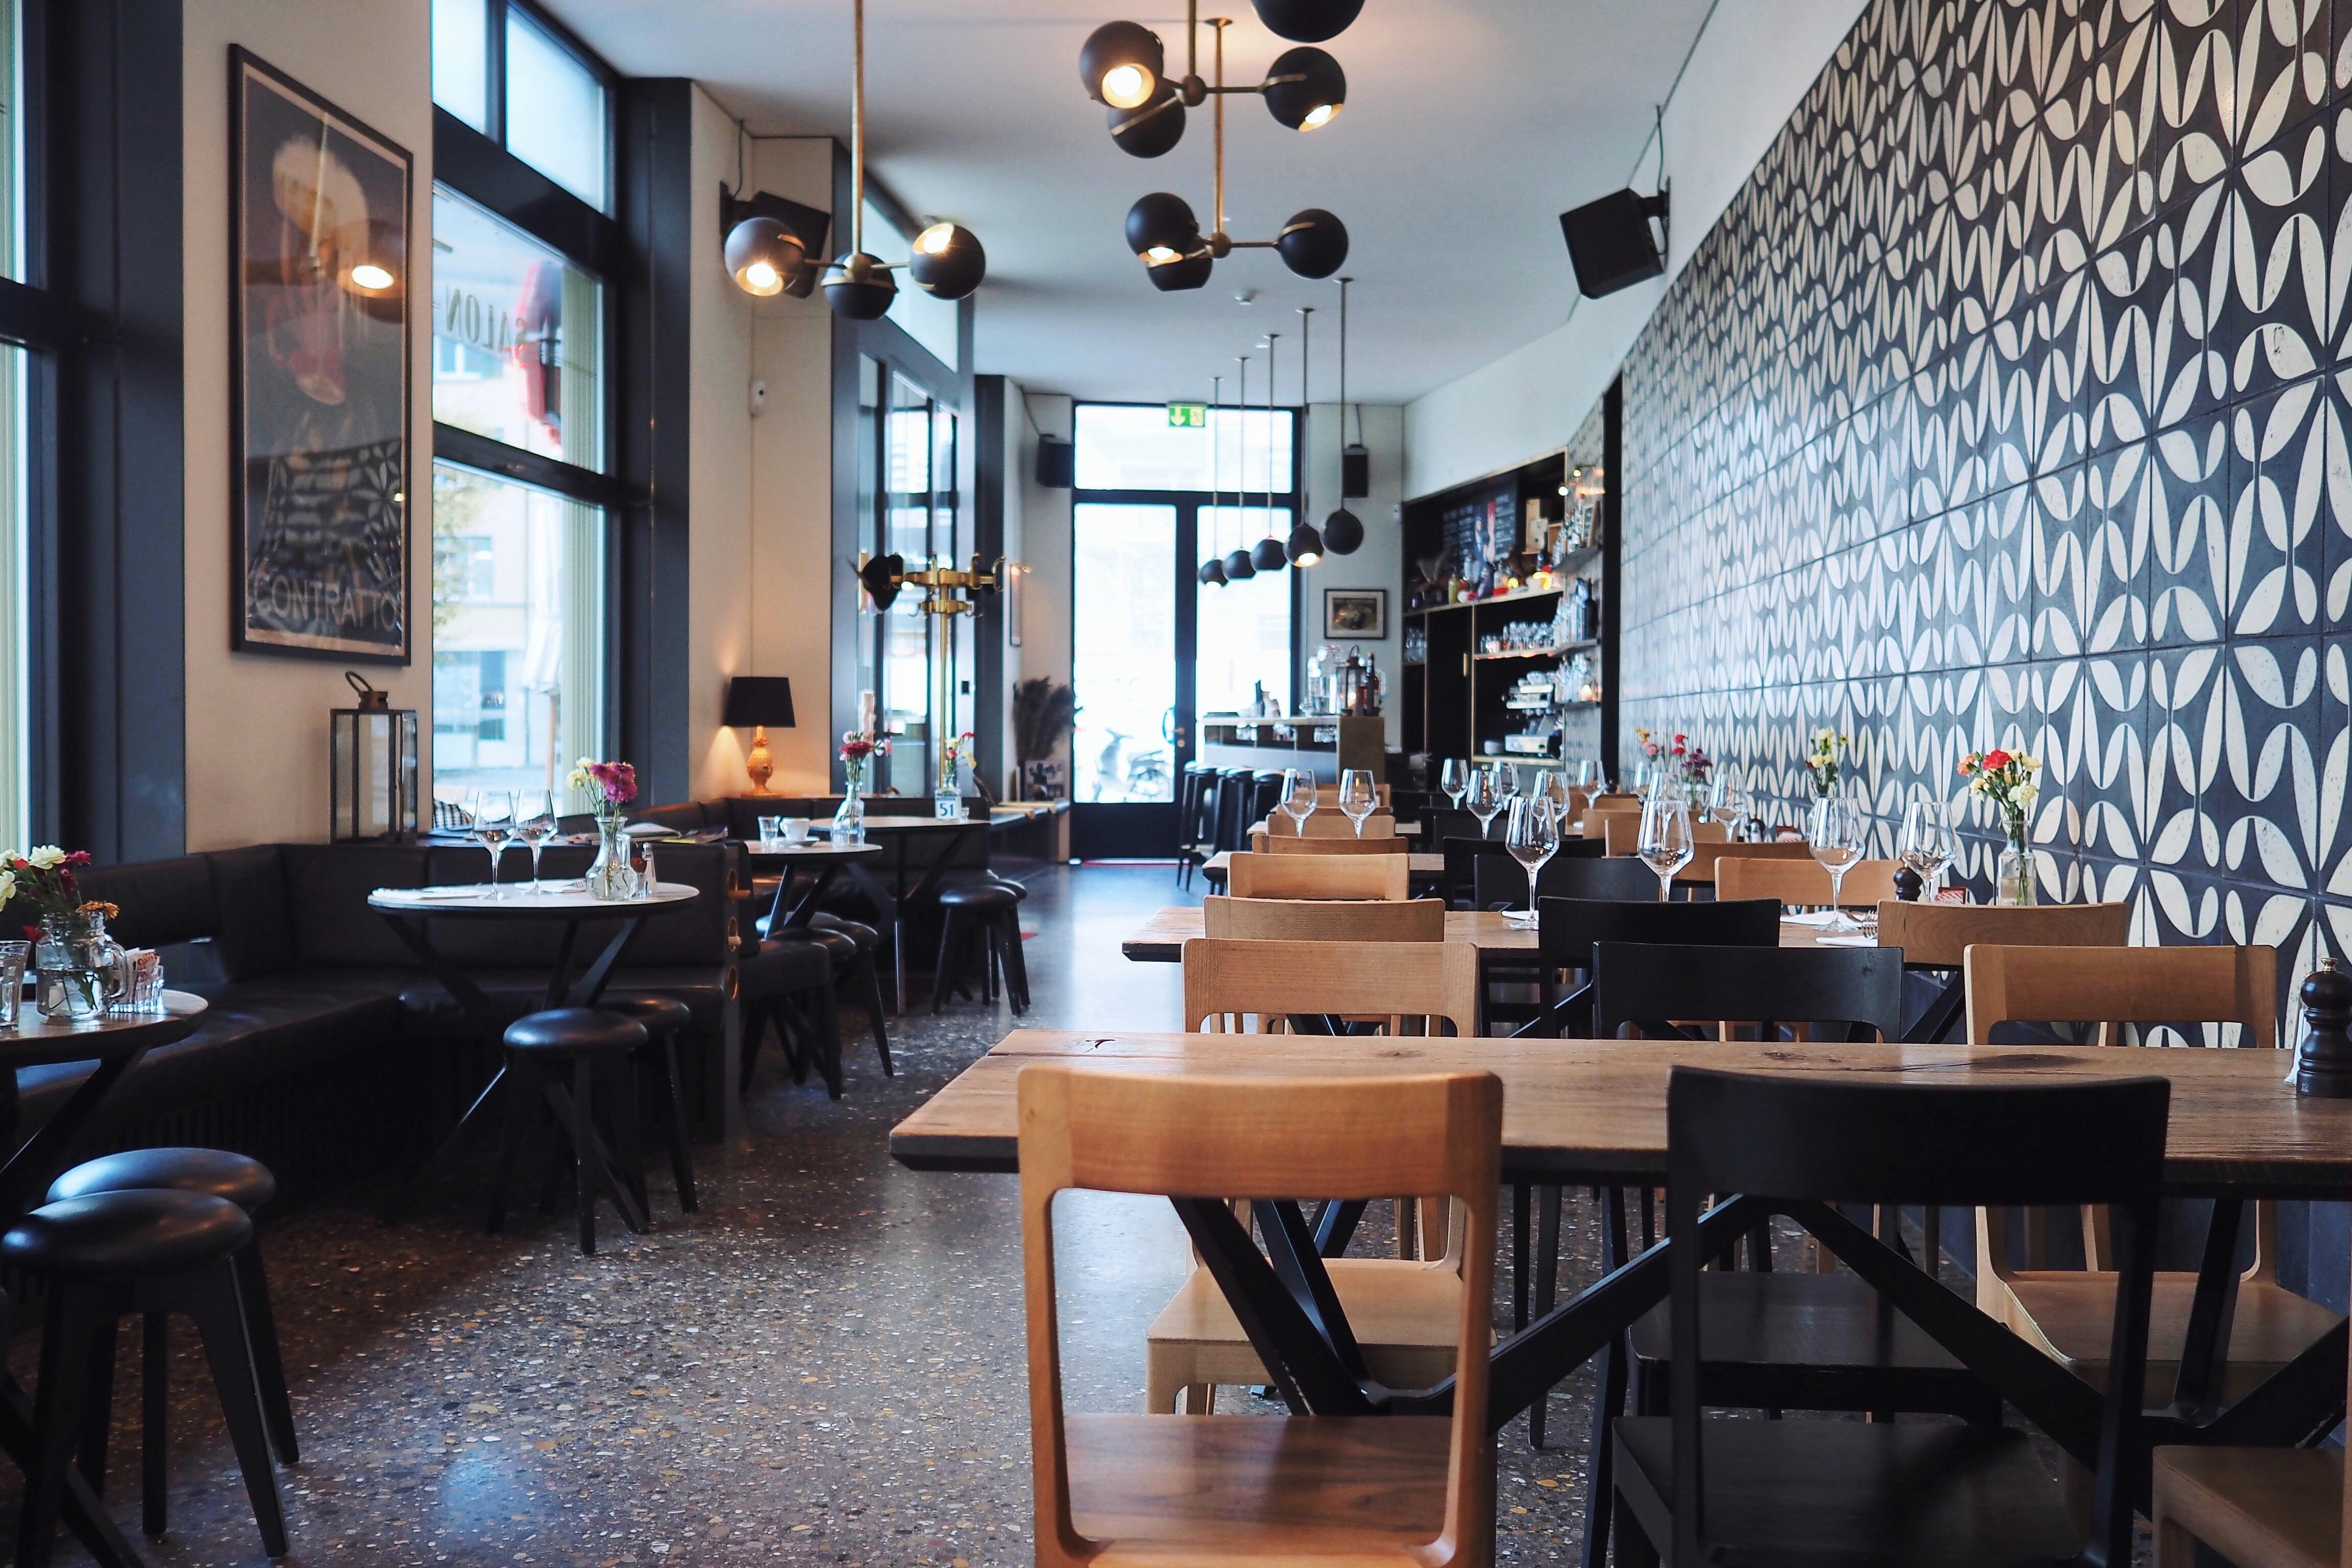 Cafés Zürich Unsere Liebelings Cafés In Der Limmatstadt Harrys Ding